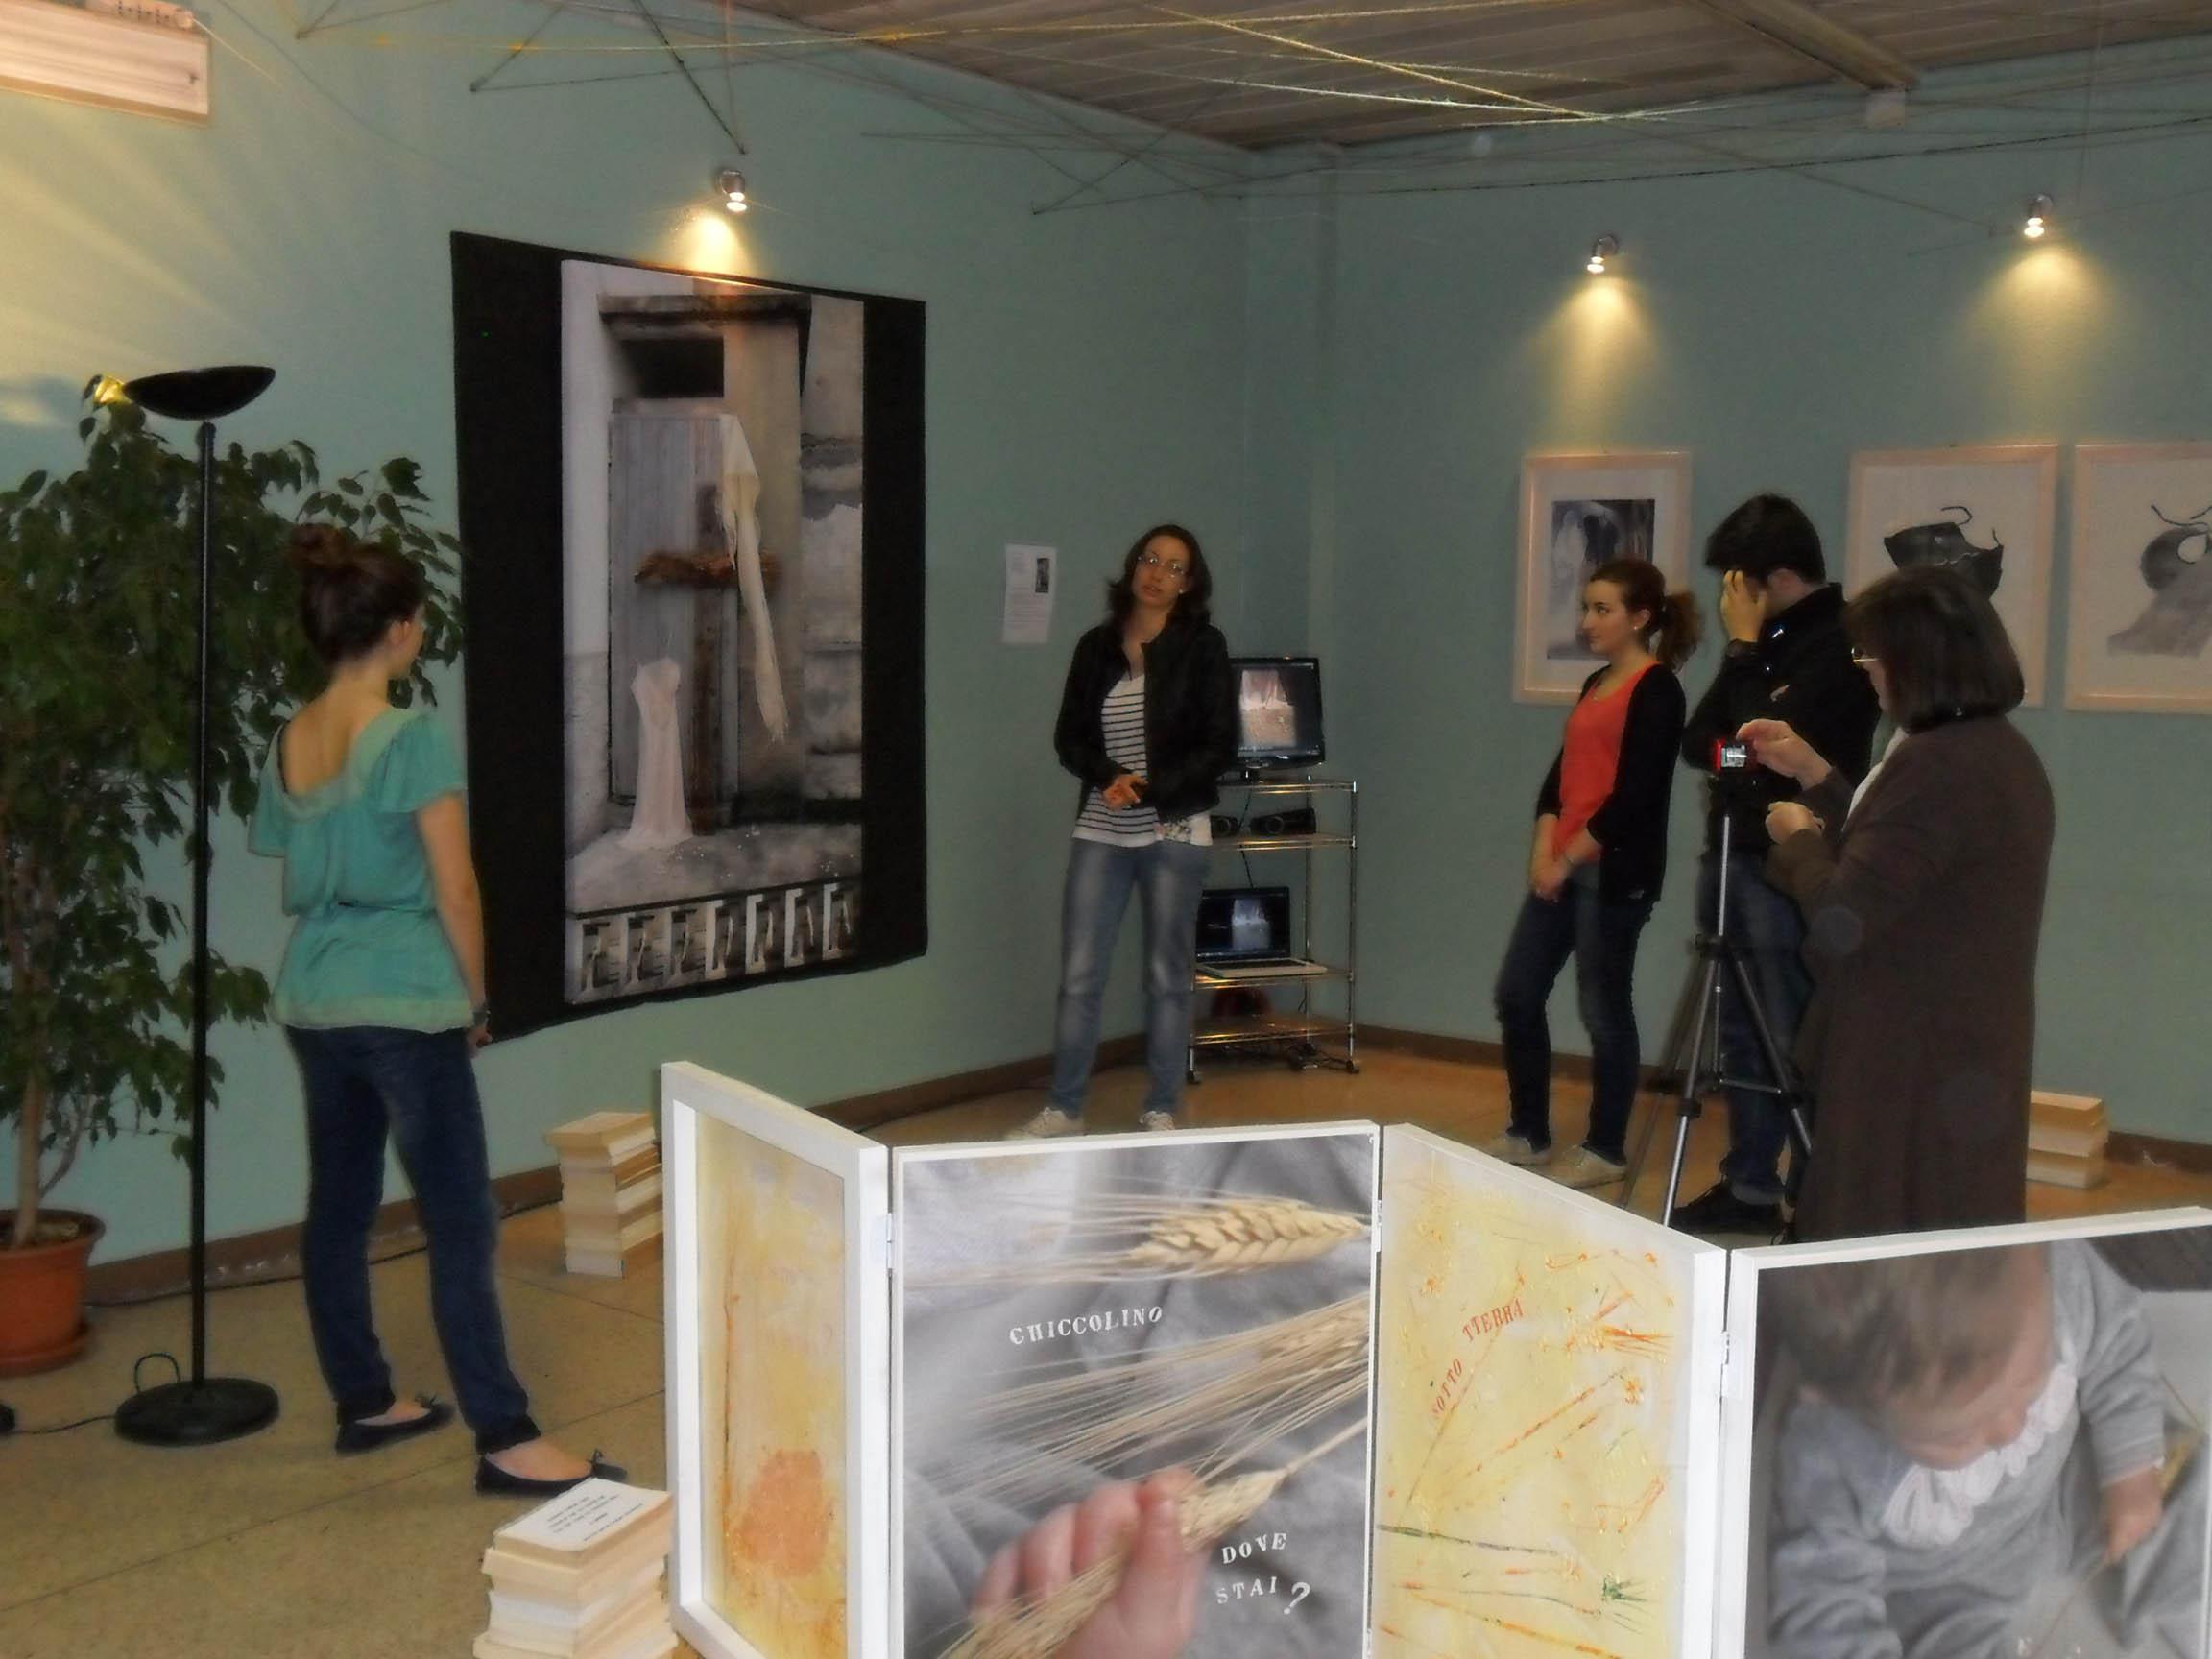 Studenti guide alla mostra.